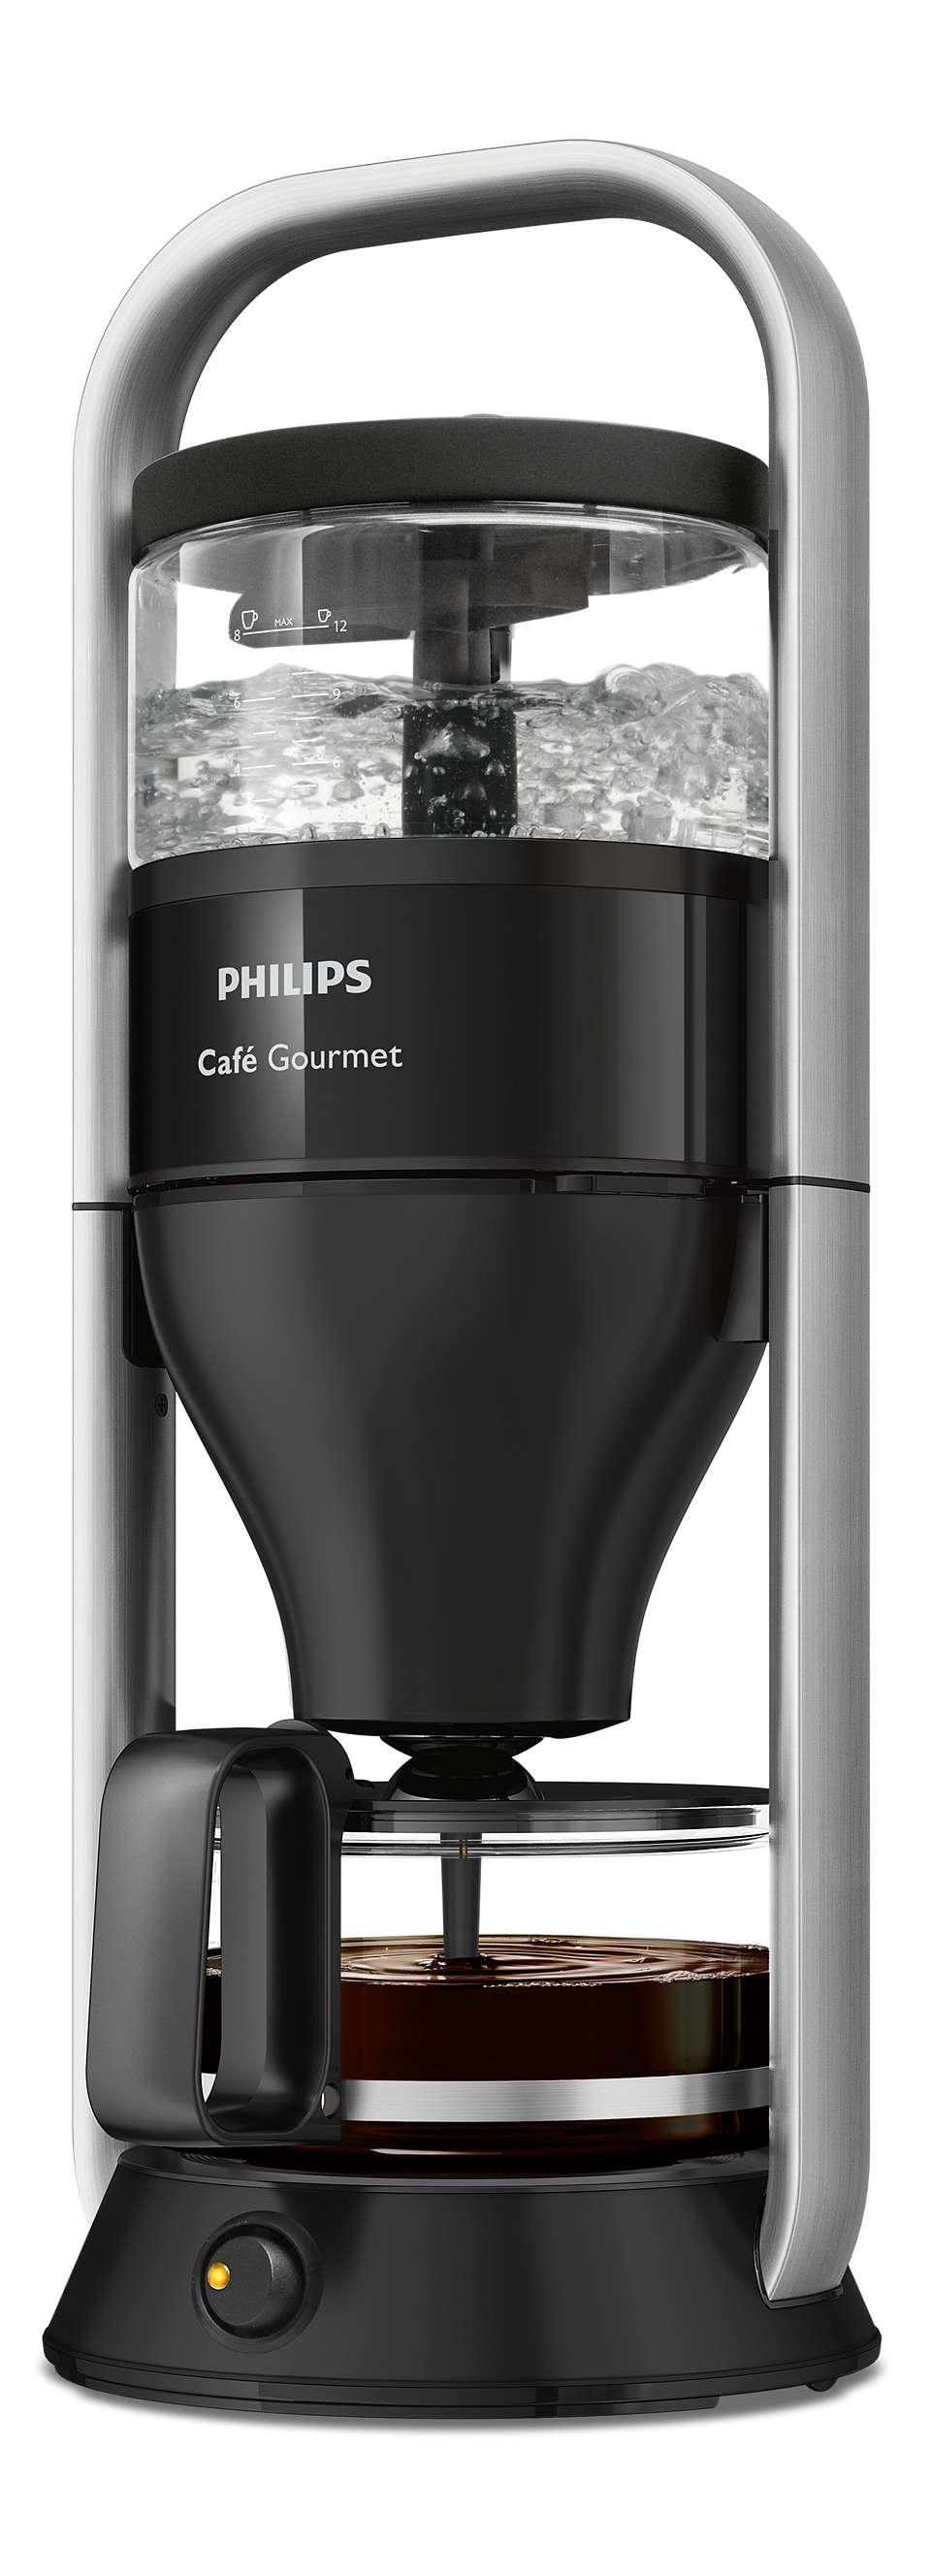 Le rituel de préparation d'un café filtre parfait